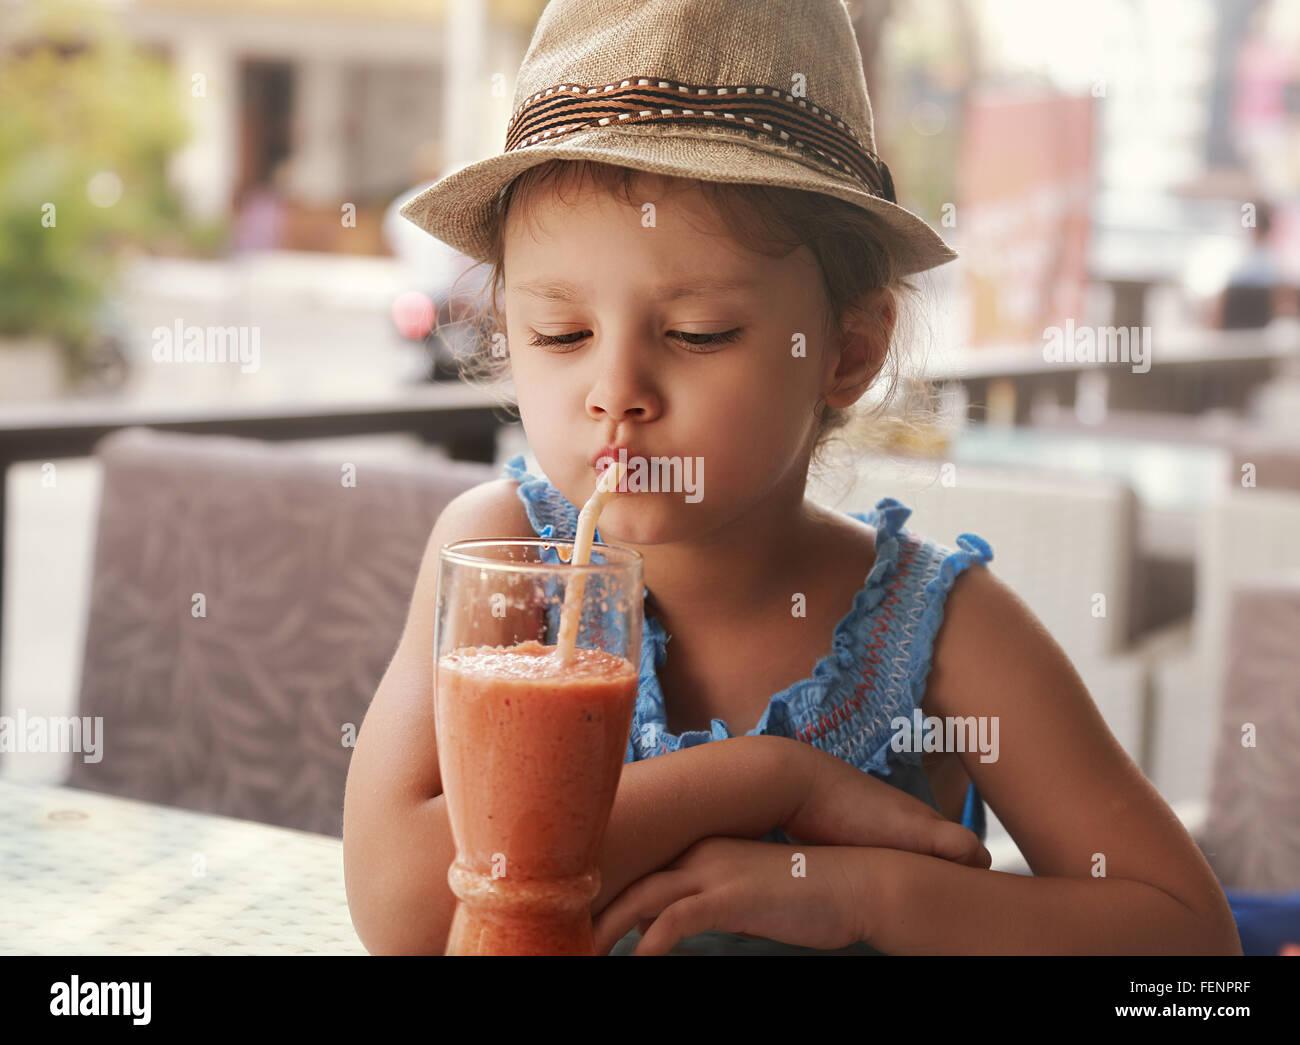 Spaß Kind Mädchen mit Hut Smoothie Saft aus Glas in der Straße die Stadt Café trinken Stockbild